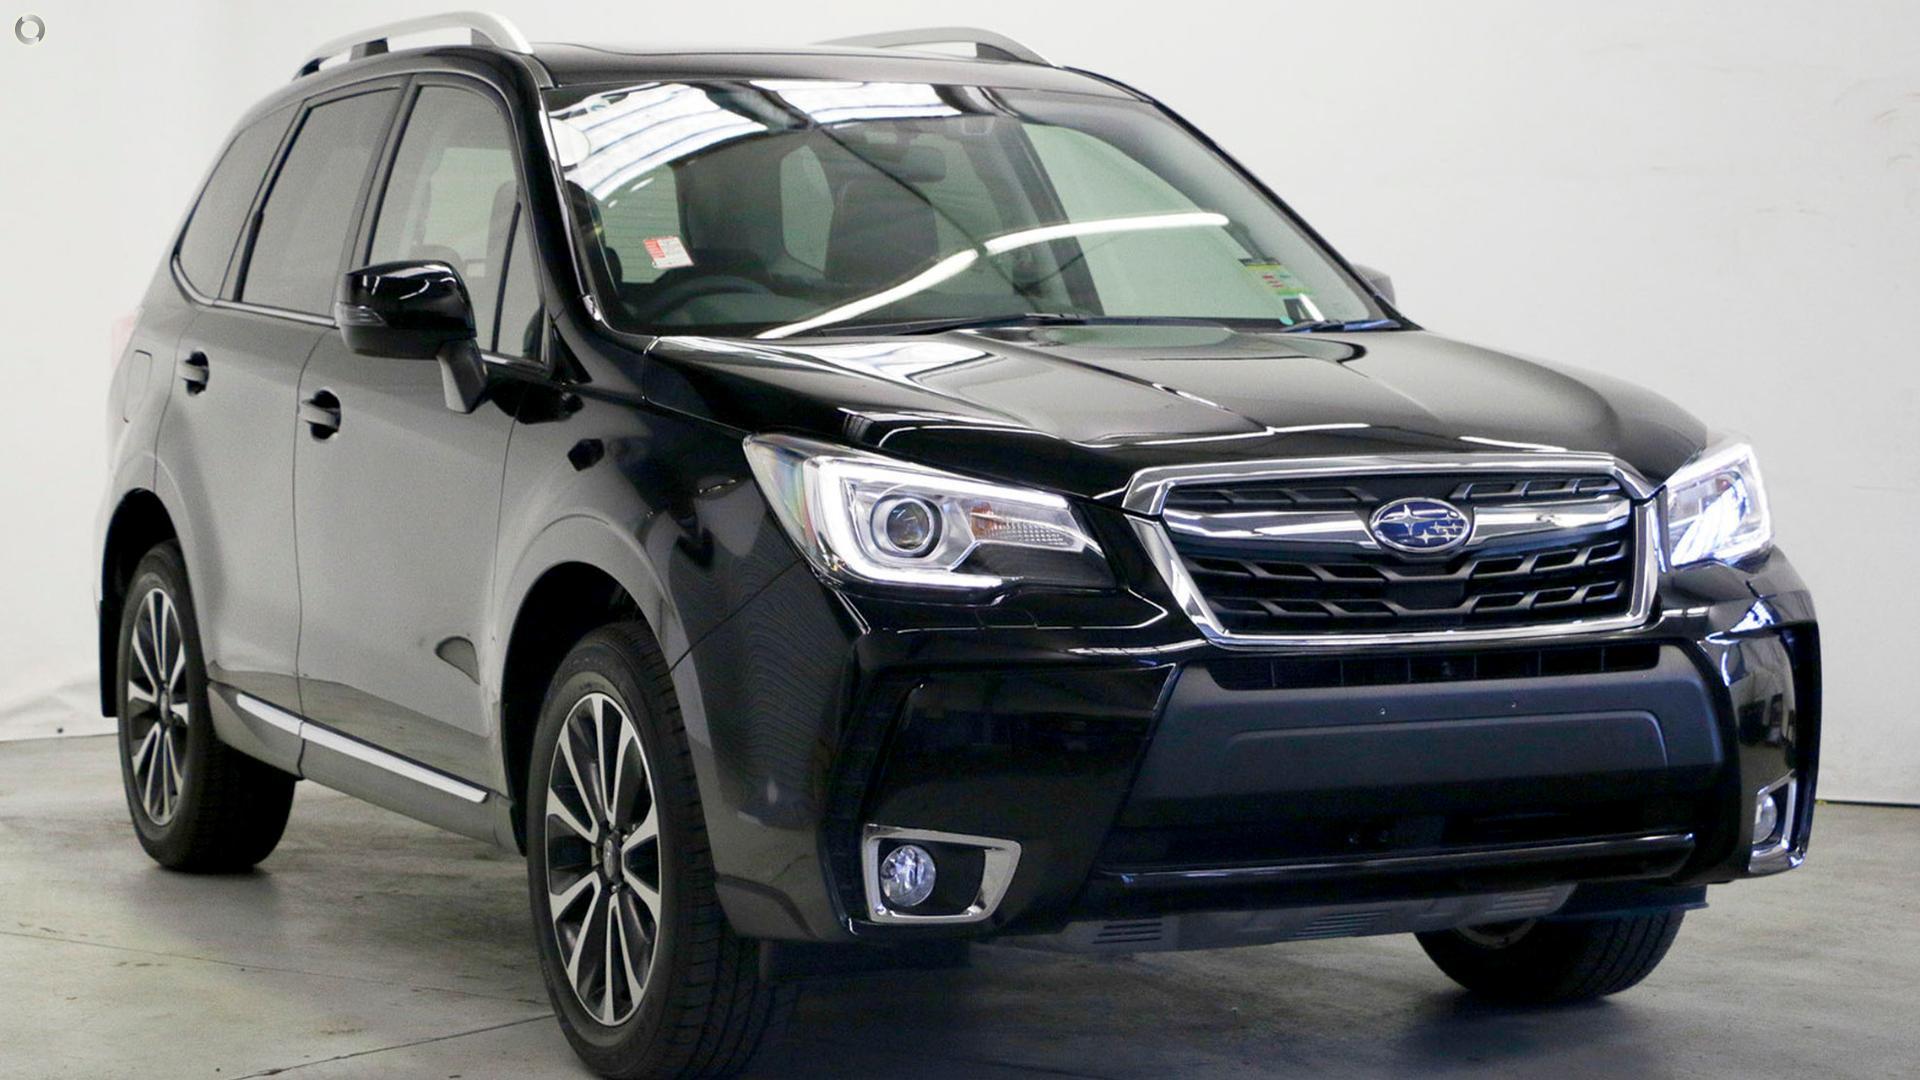 2018 Subaru Forester Xt Premium